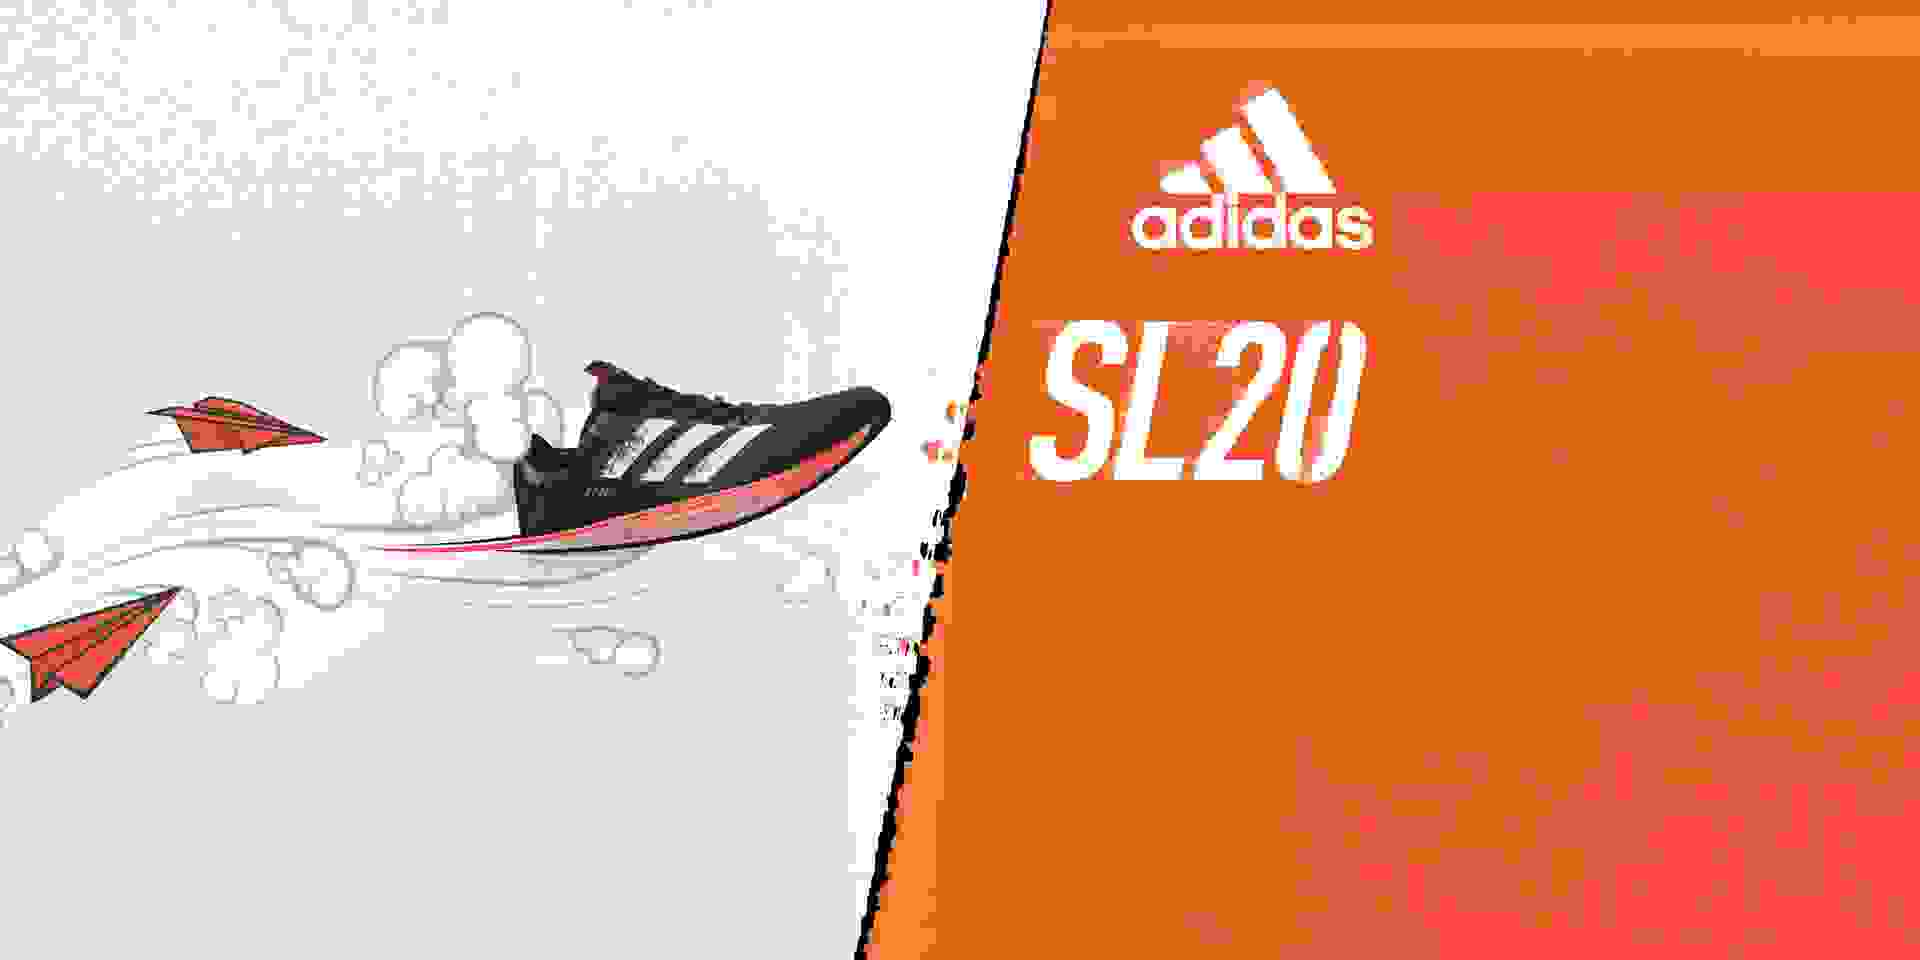 adidas SL20 4